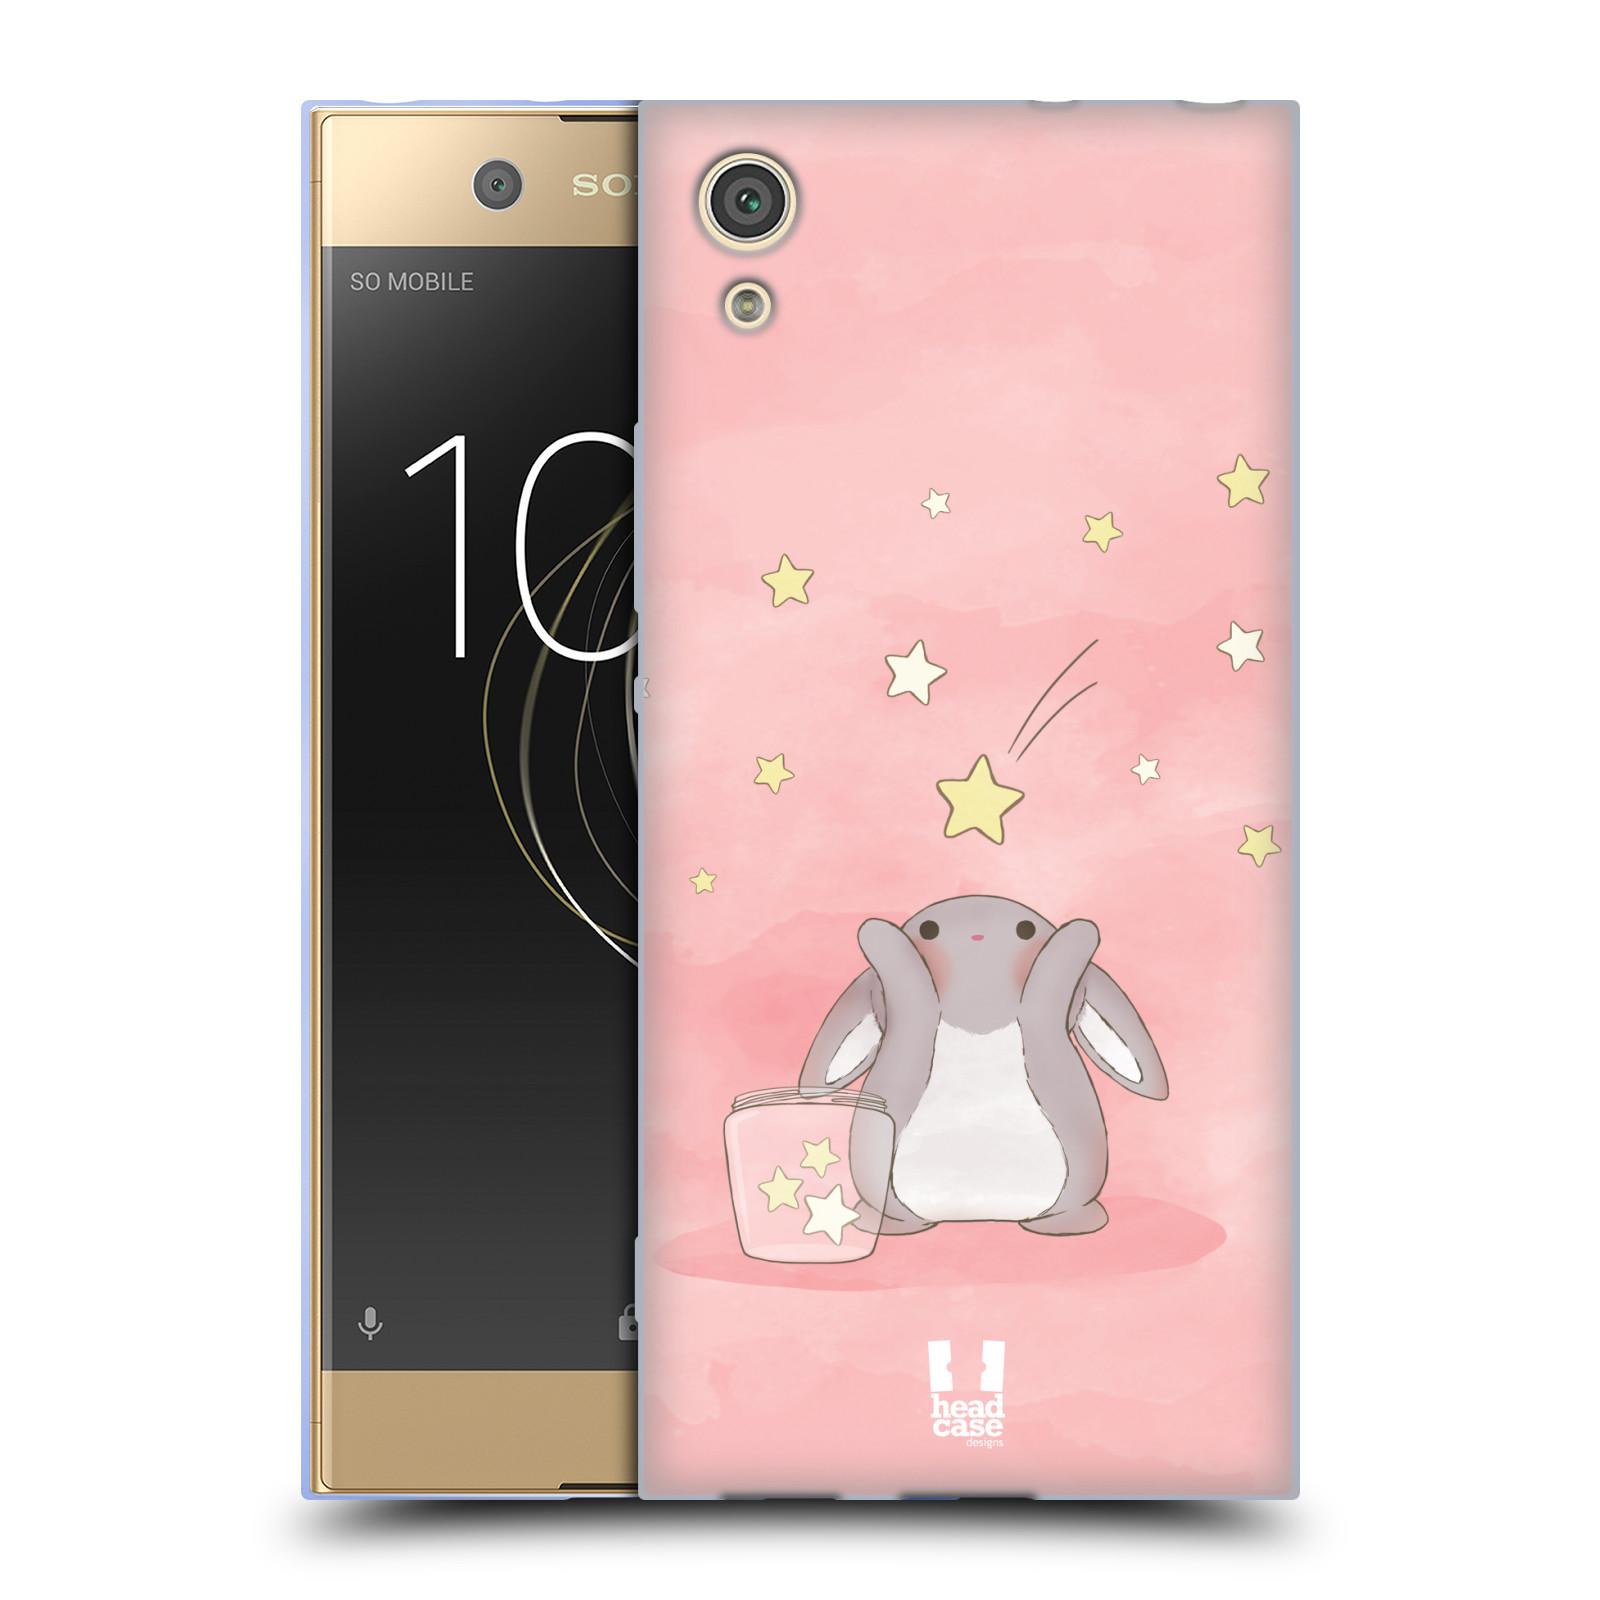 HEAD CASE silikonový obal na mobil Sony Xperia XA1 / XA1 DUAL SIM vzor králíček a hvězdy růžová